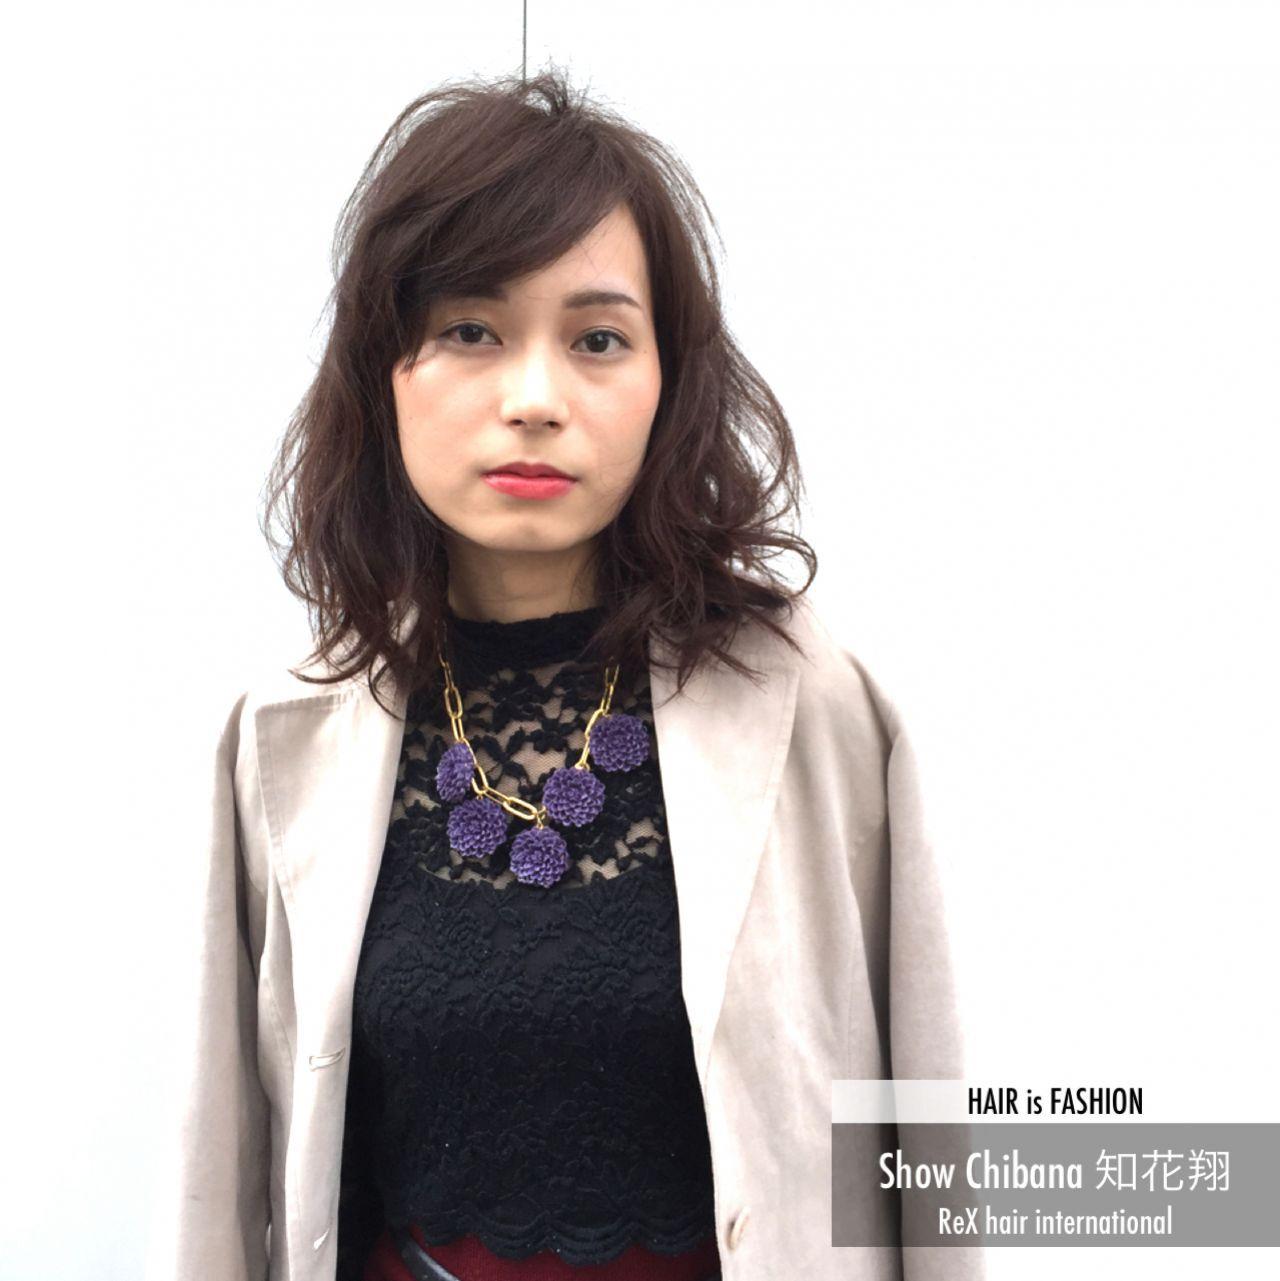 暗髪 外国人風 モード マルサラヘアスタイルや髪型の写真・画像